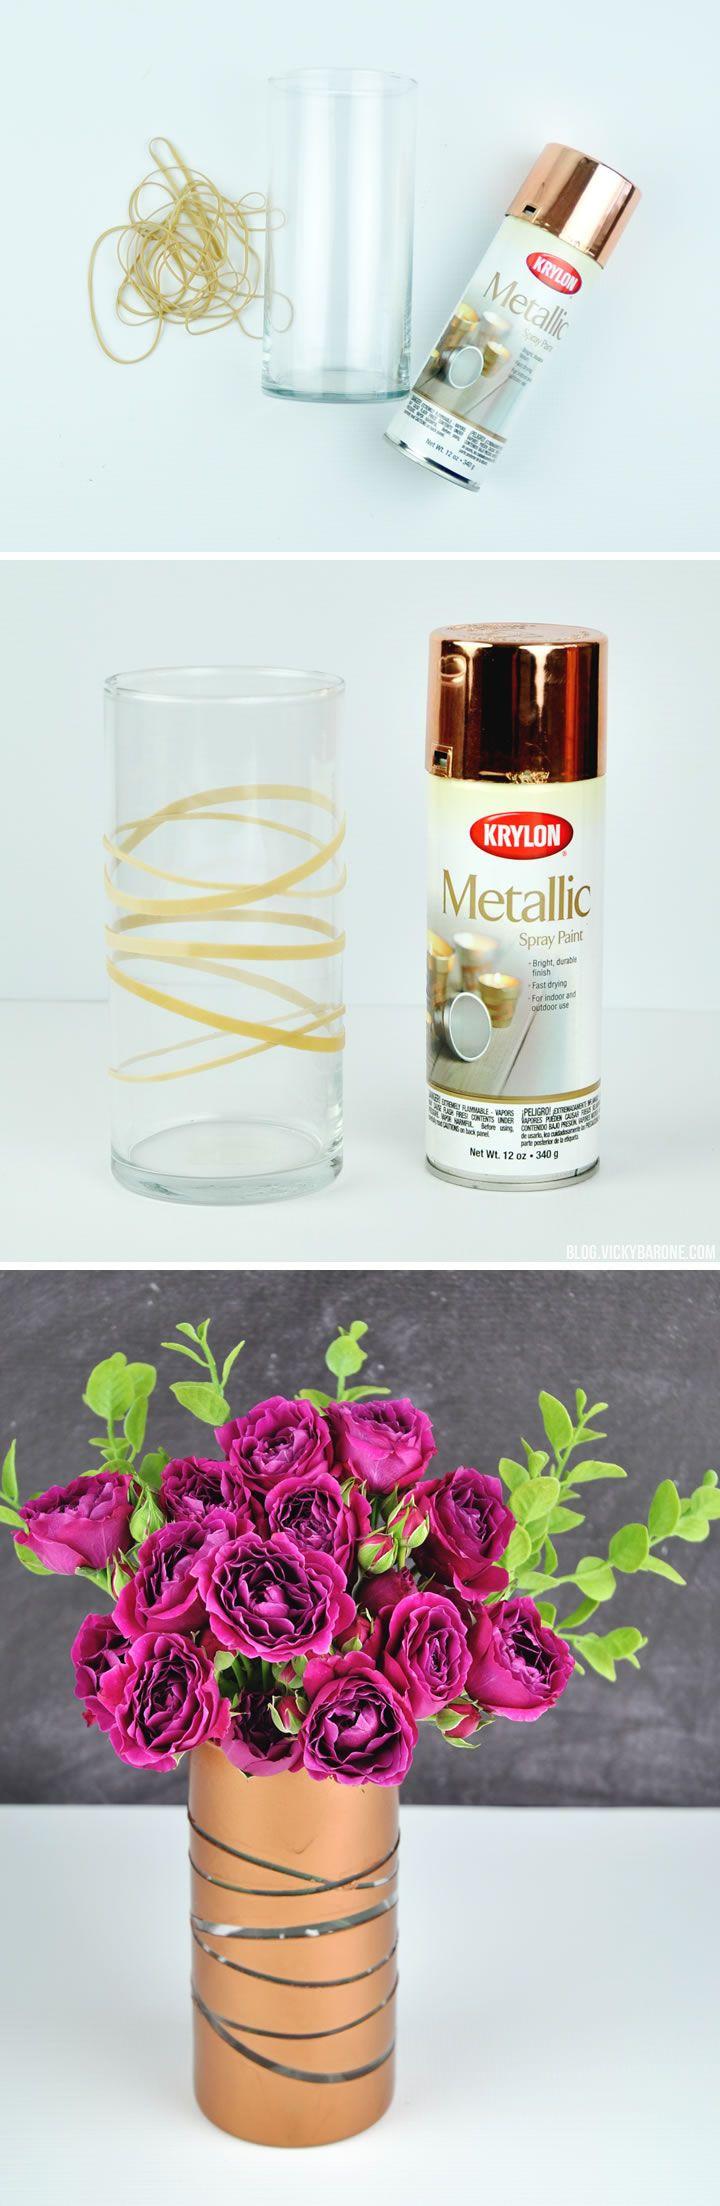 moss vase filler of 116 best sabrinas images on pinterest vase fillers pine cones inside diy metallic vase